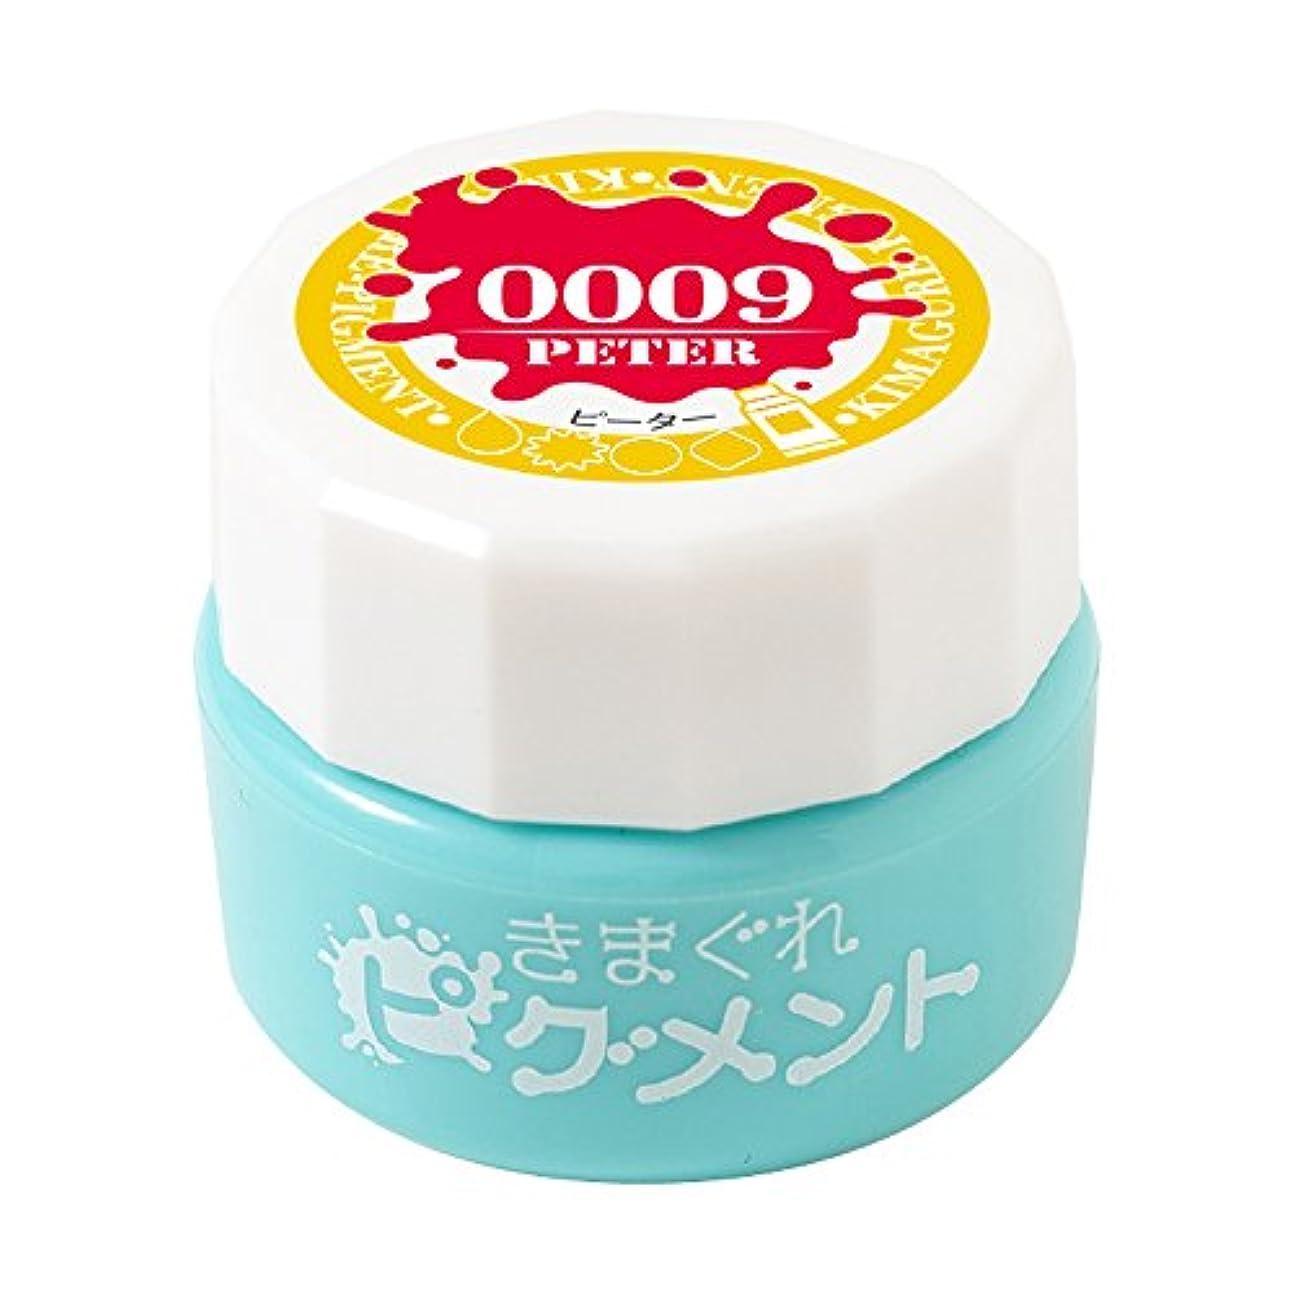 奨励の臭いBettygel きまぐれピグメント ピーター QYJ-0009 4g UV/LED対応